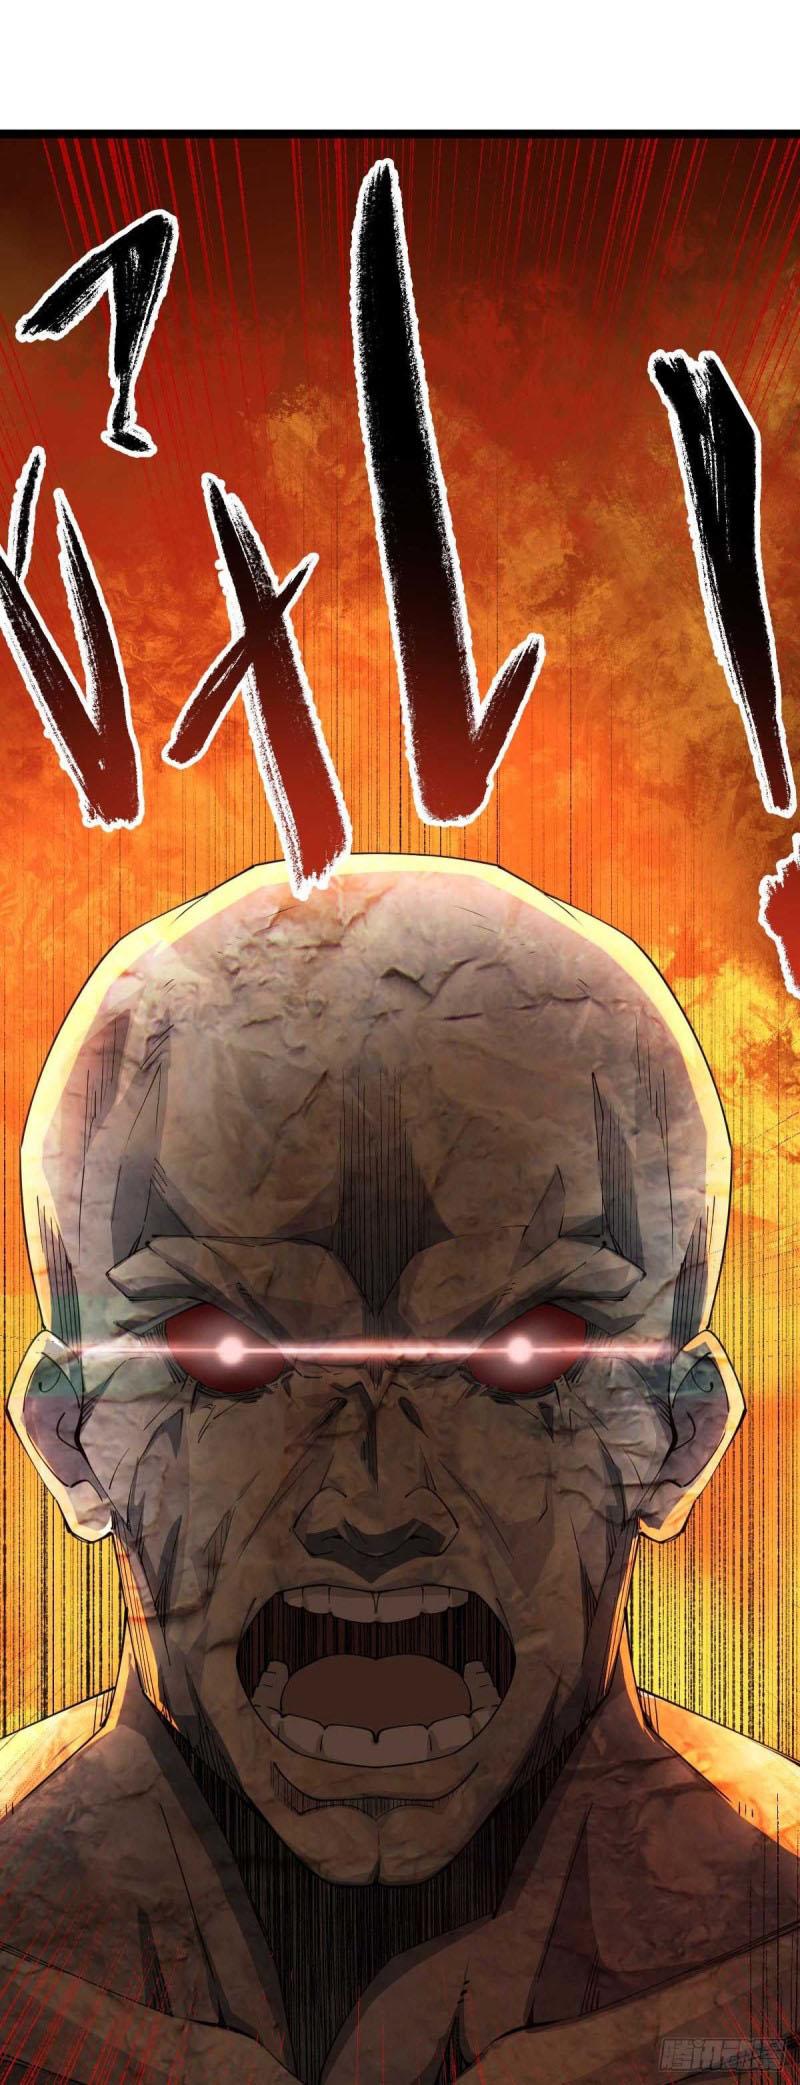 Quân Đoàn Nữ Tử Ngày Tận Thế Của Tôi Chương 54 - Vcomic.net